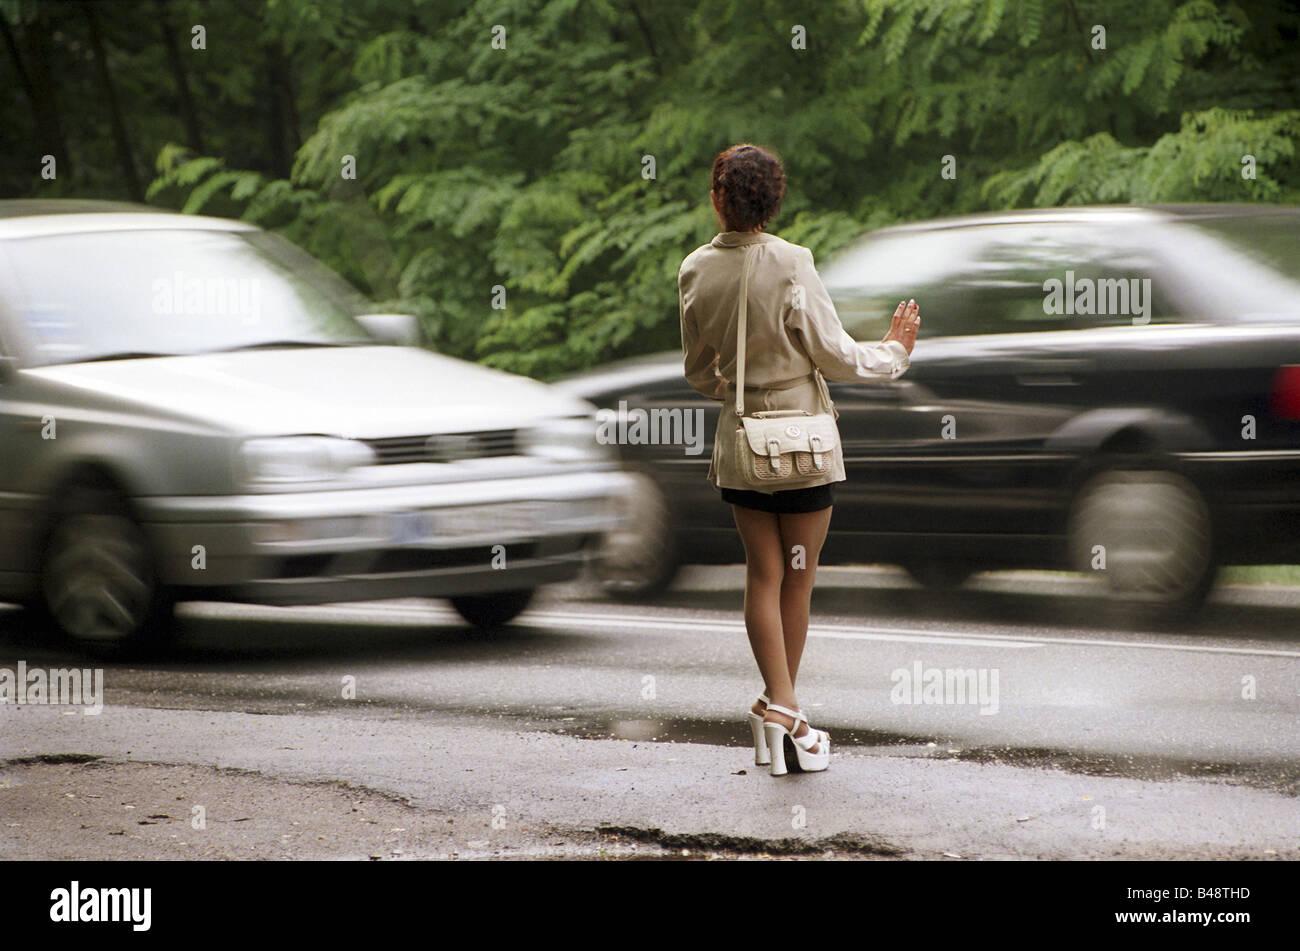 Prostitutes in Romania